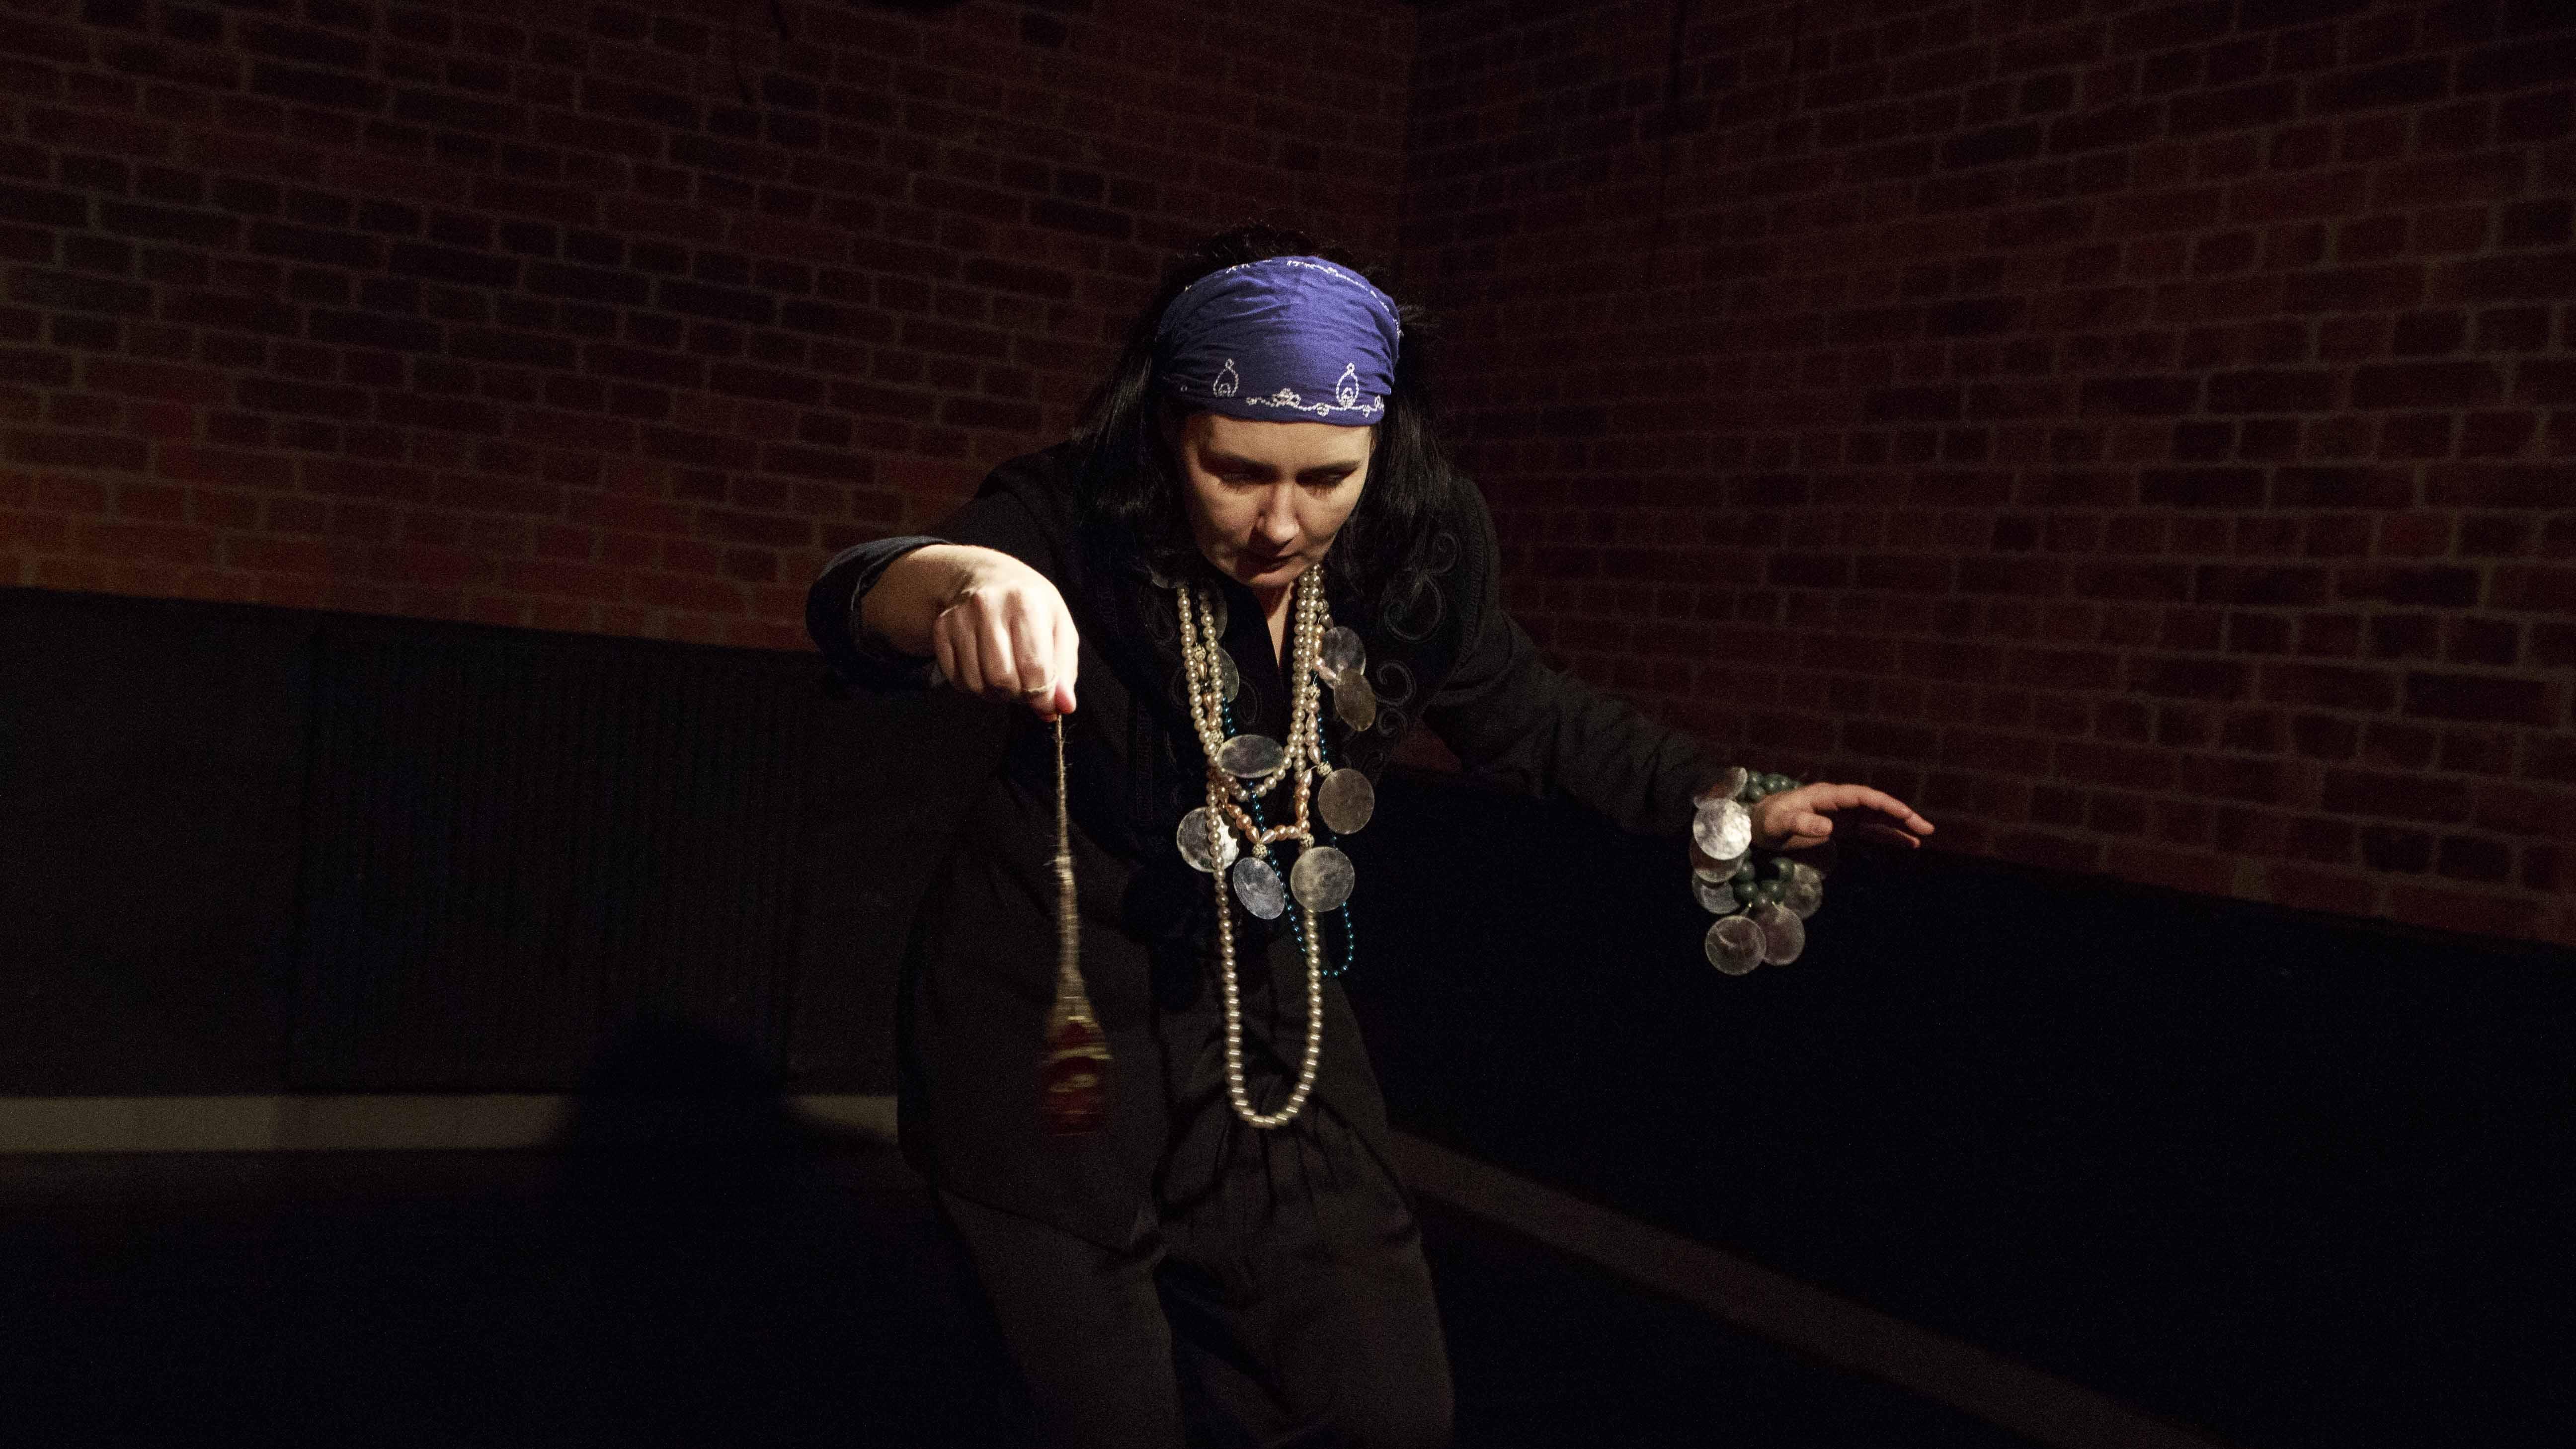 Zdjęcie ze spektaklu Dzielnice cudów. Aktorka przebrana za cygankę, trzyma w ręku wahadełko.